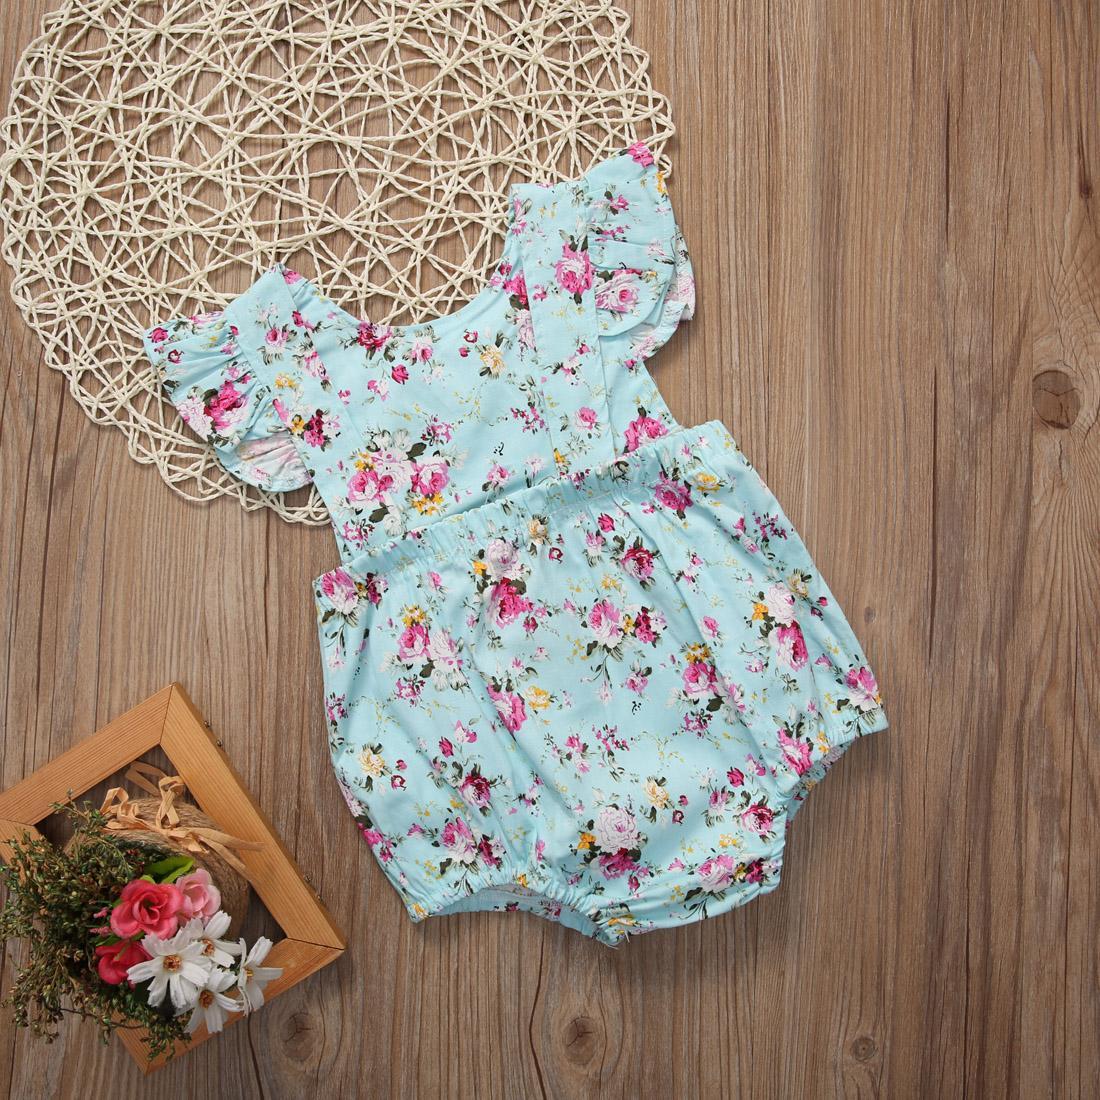 ... Baru Satu Kepingan Bayi Perempuan Bunga Musim Panas Baju Ruffled Jumpsuit Playsuit Bayi-Internasional ...